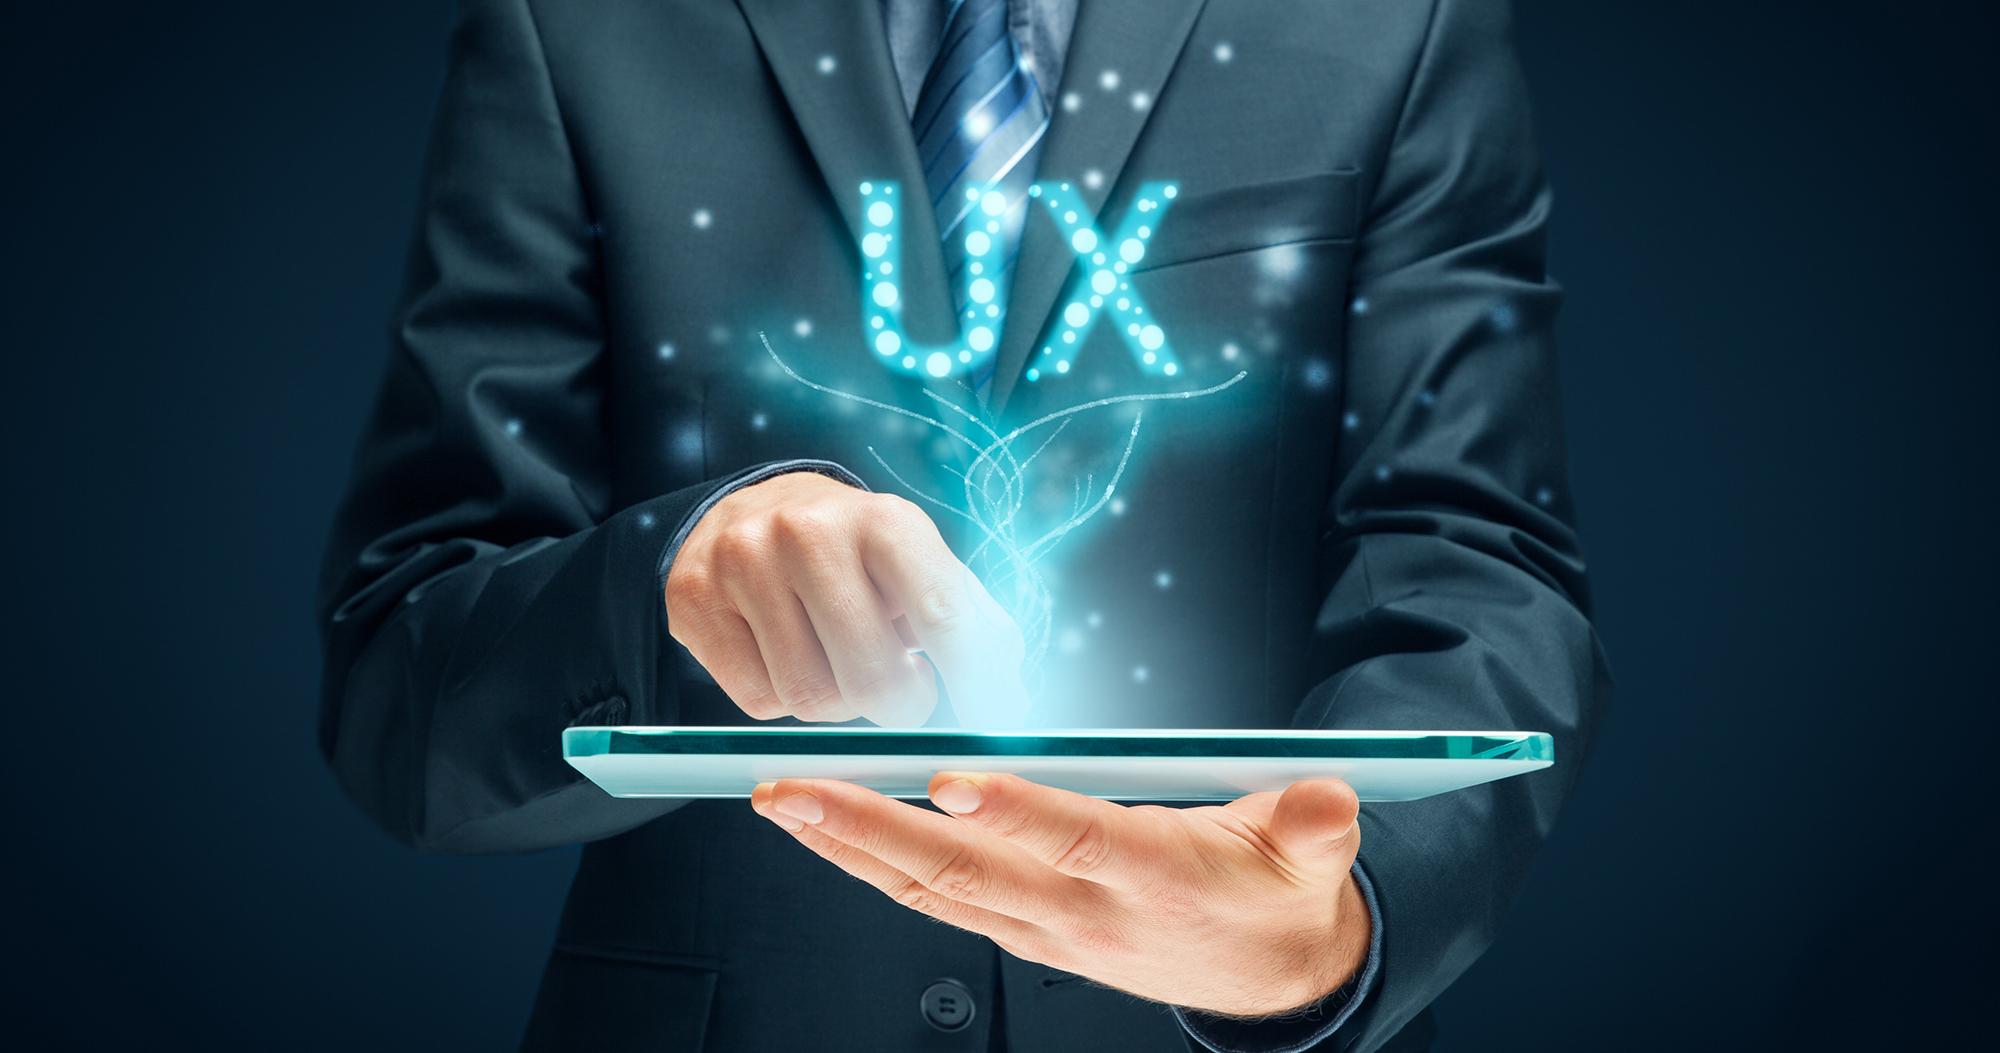 コアウェブバイタル(Core Web Vitals)とは?Web担当者なら知っておきたいSEOワードを解説!